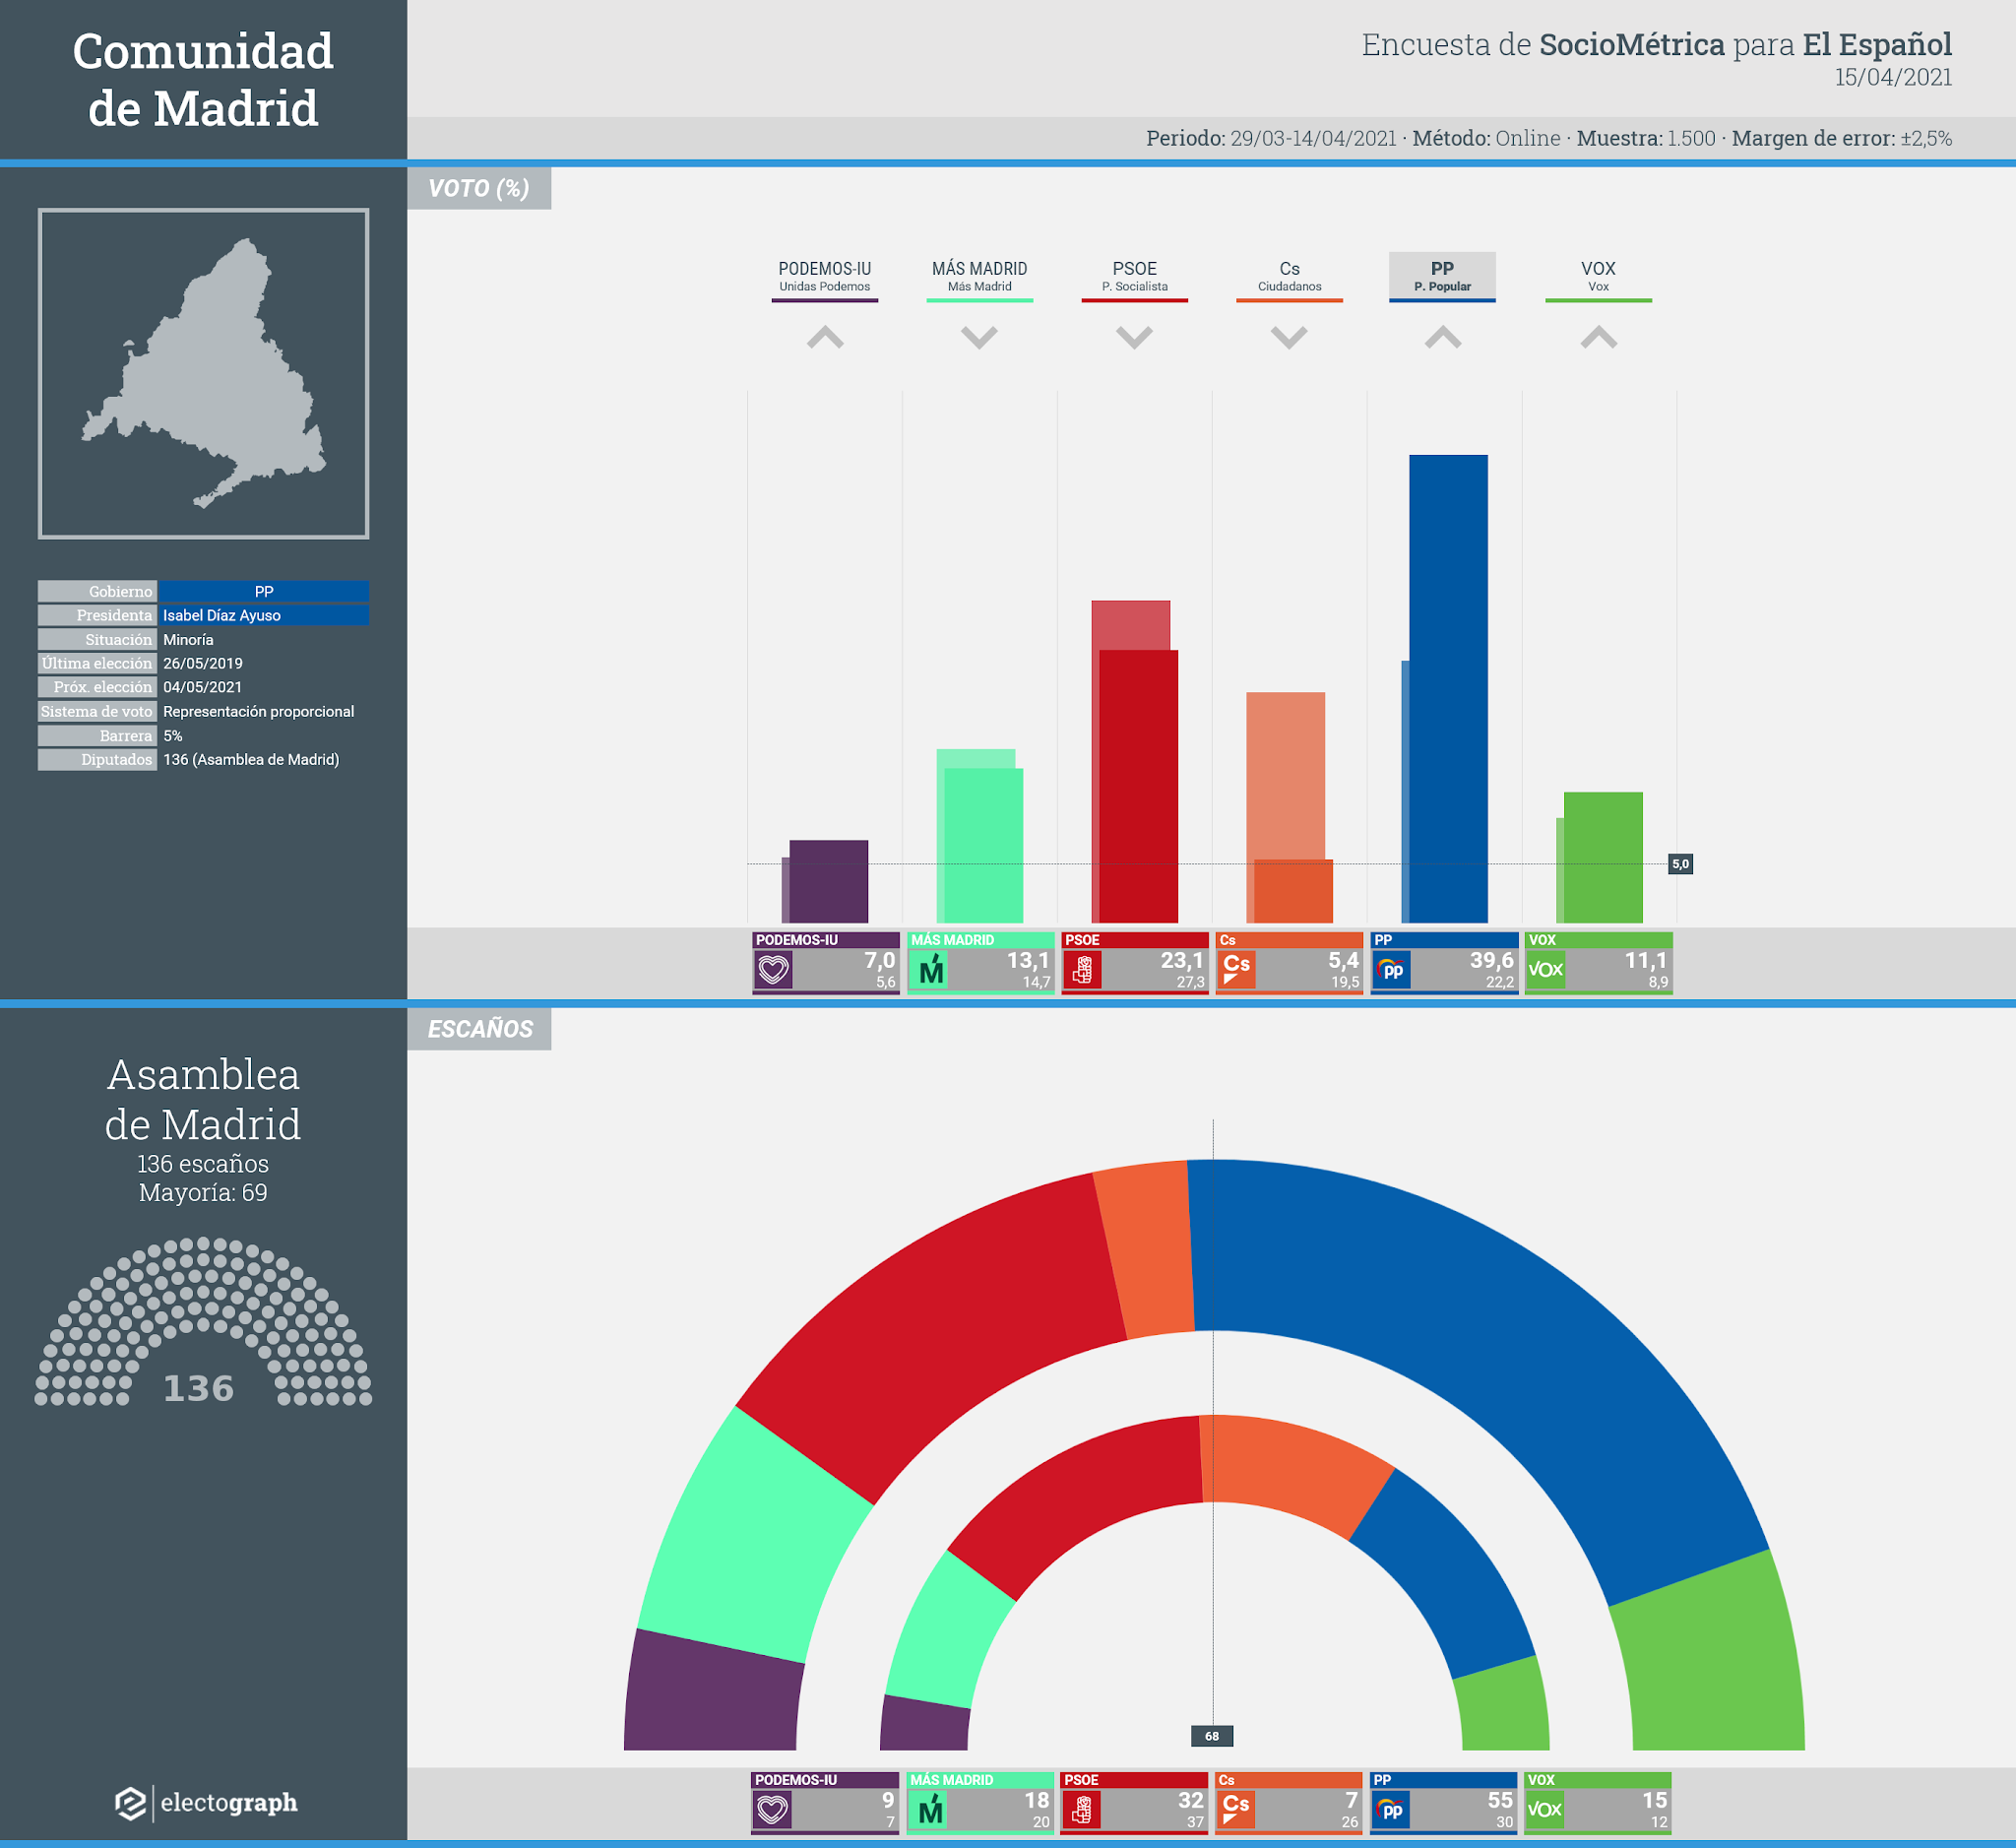 Gráfico de la encuesta para elecciones autonómicas en la Comunidad de Madrid realizada por SocioMétrica para El Español, 15 de abril de 2021